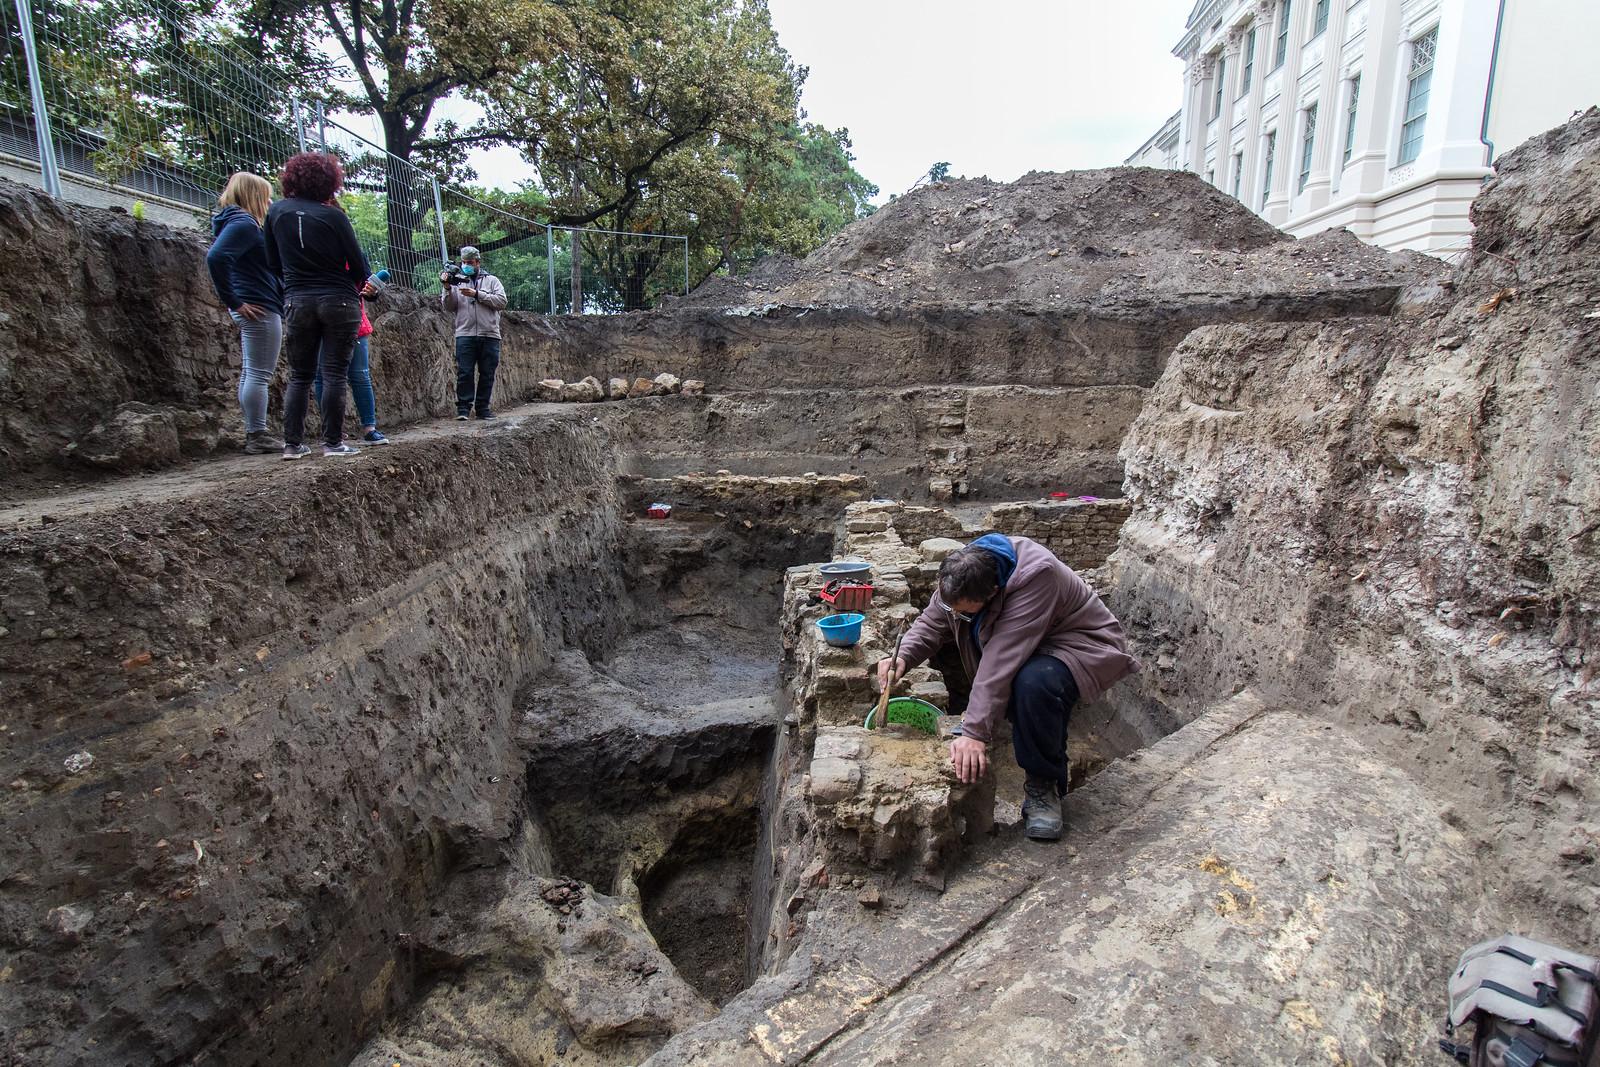 Sokszáz éves, törött, színes kerámiák egy nagy gödörben